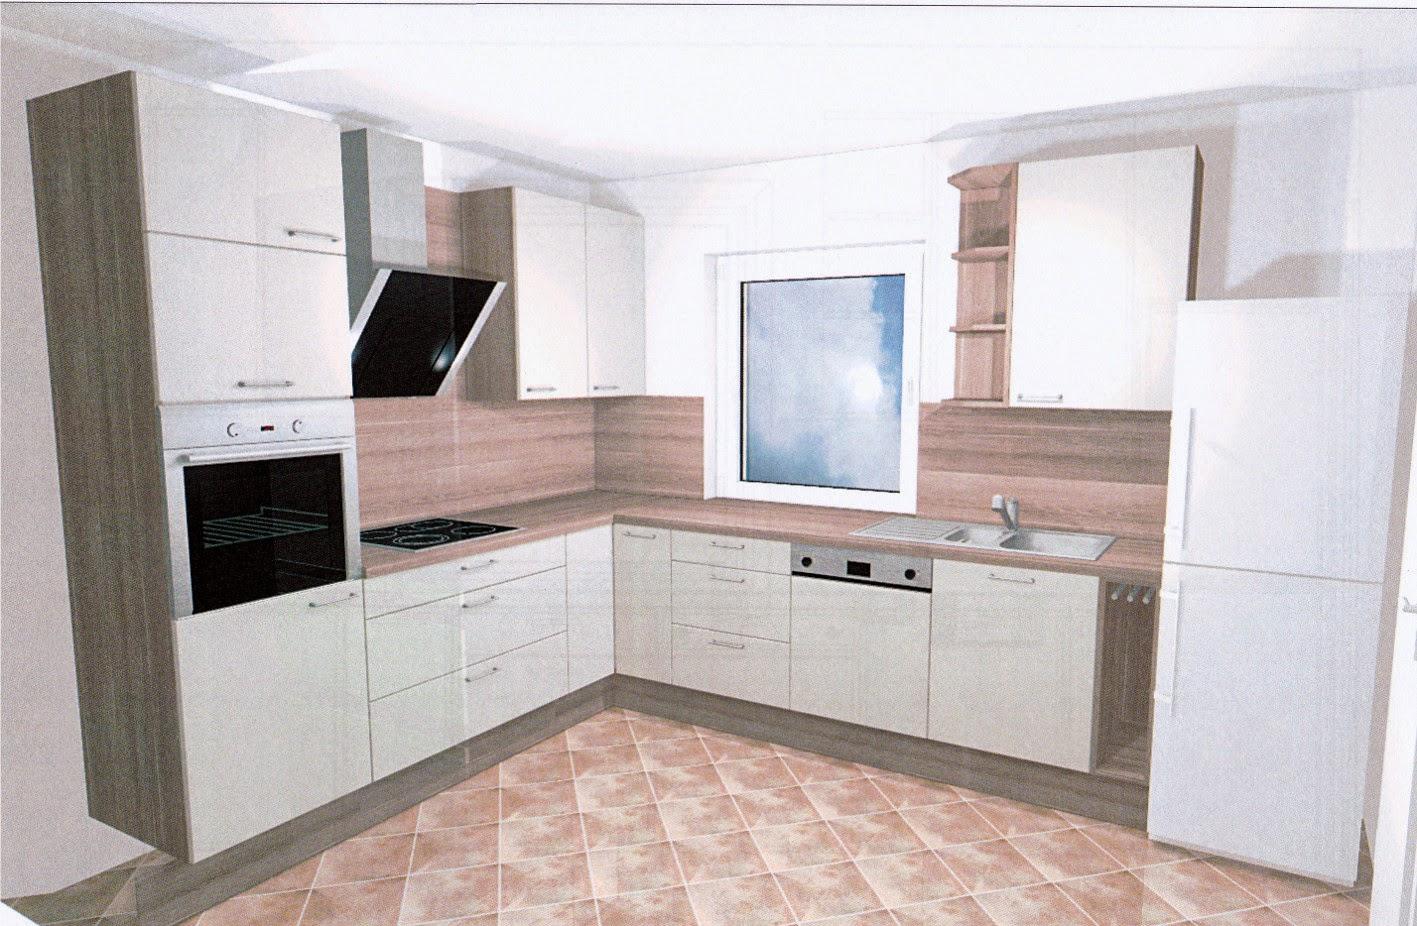 kchen aktuell dsseldorf amazing ideen was ist gerade bei kchen aktuell with kchen aktuell. Black Bedroom Furniture Sets. Home Design Ideas